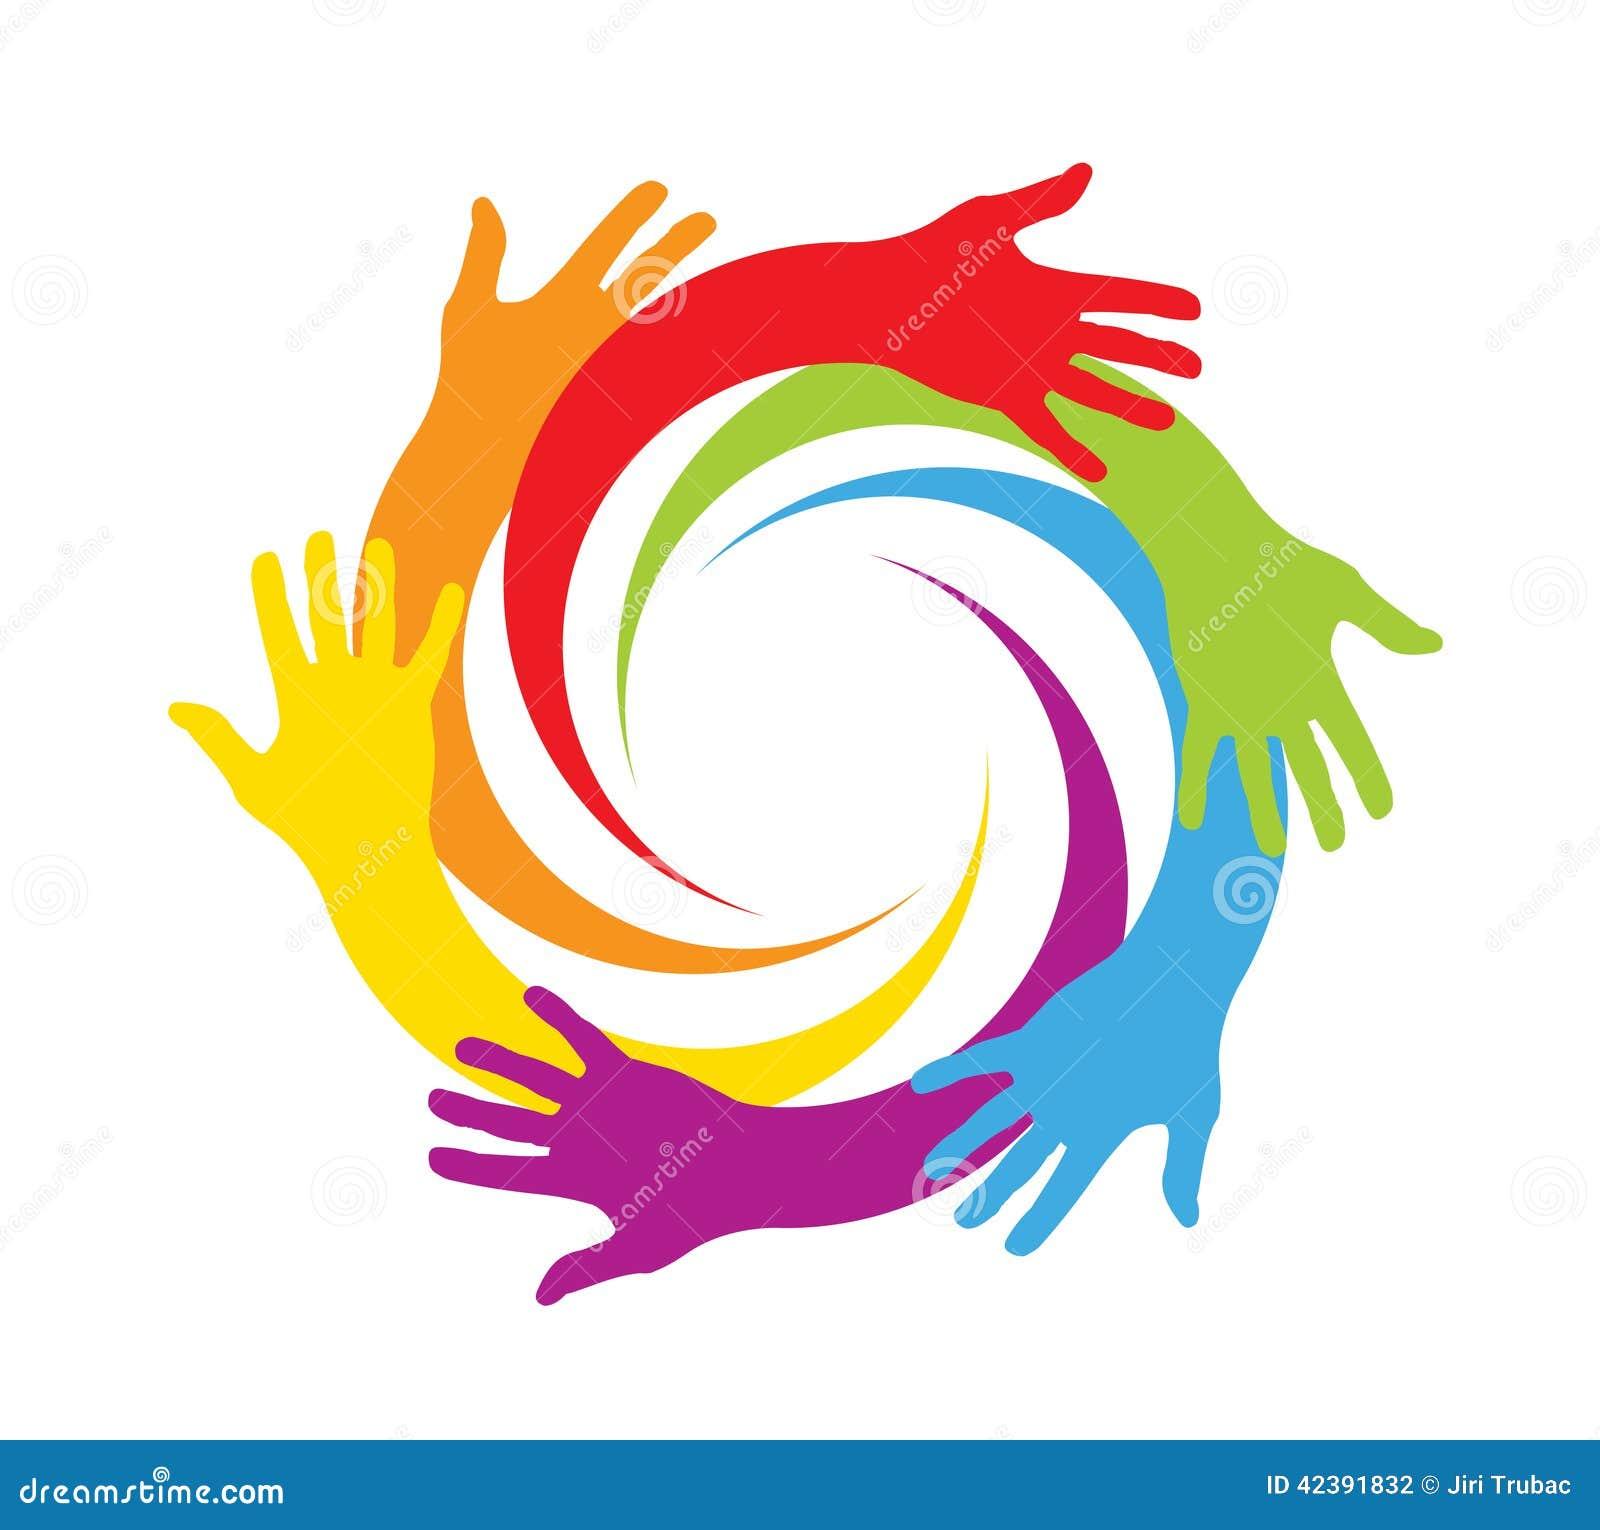 Farbige Hände in einem Kreis